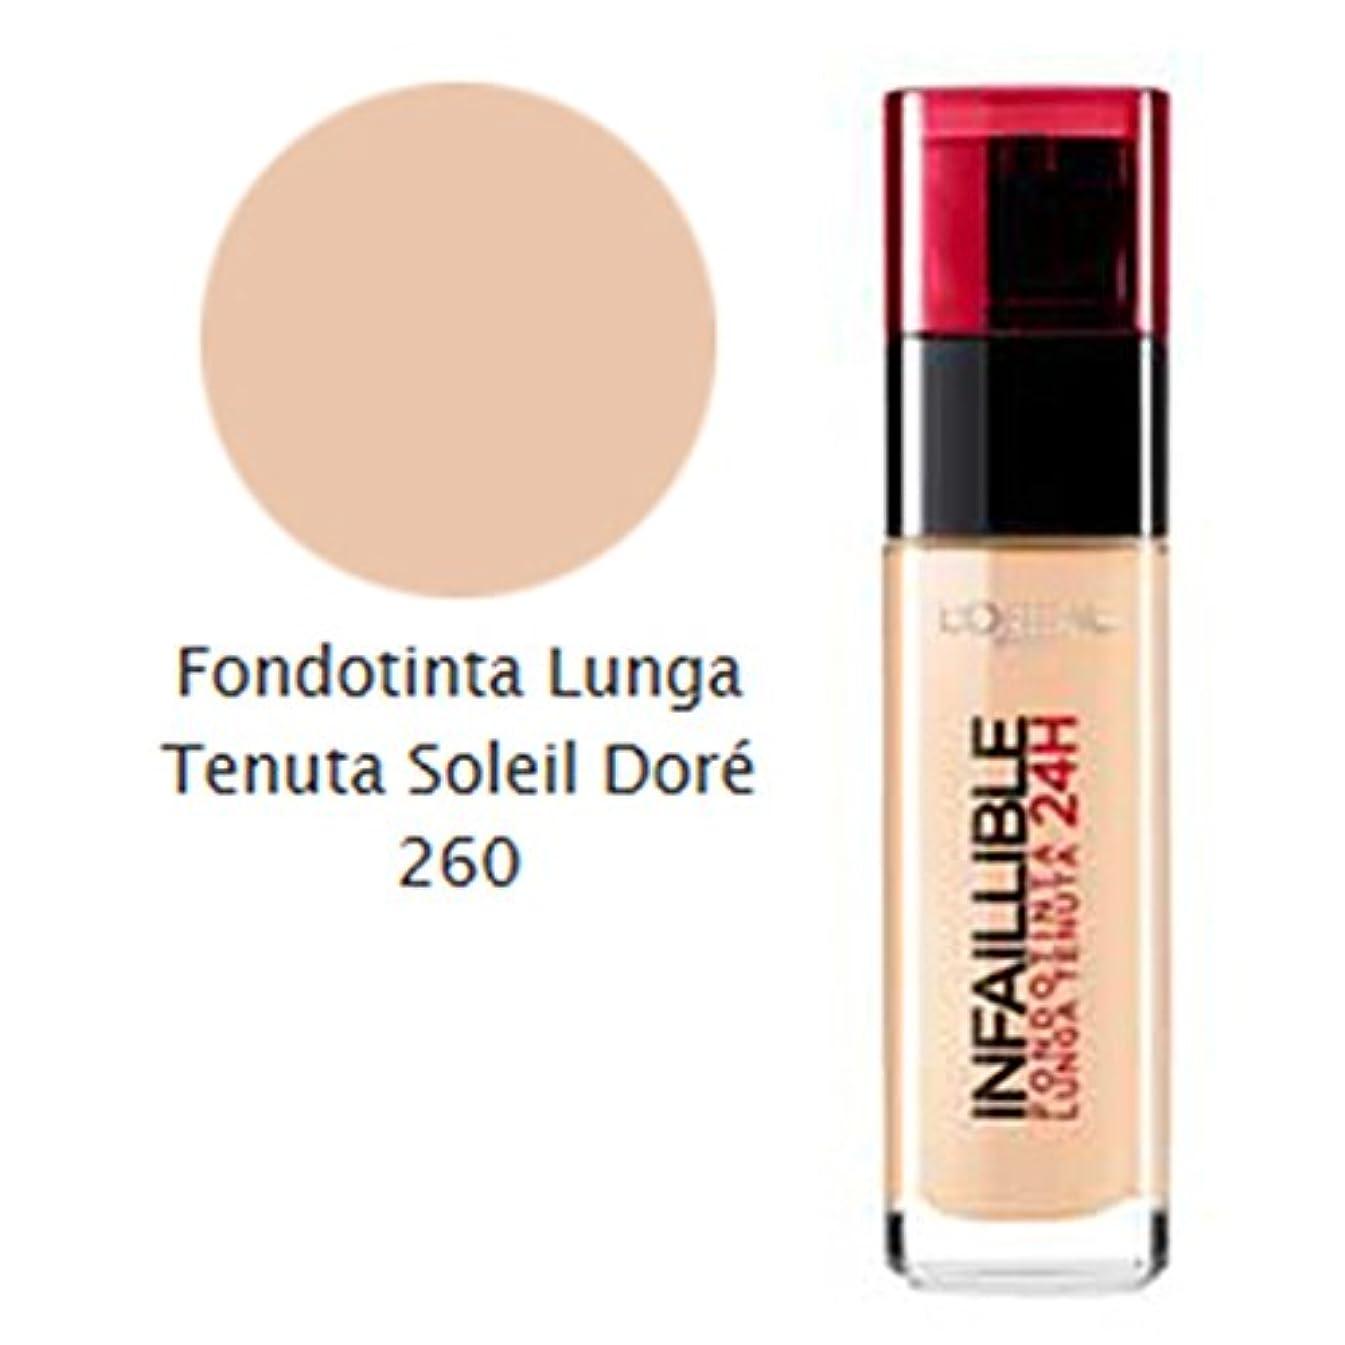 スタイルお手伝いさんパースブラックボロウL'OREAL Foundation Infaillible 24H 260 Soleil Dore Verfassung Und Kosmetik